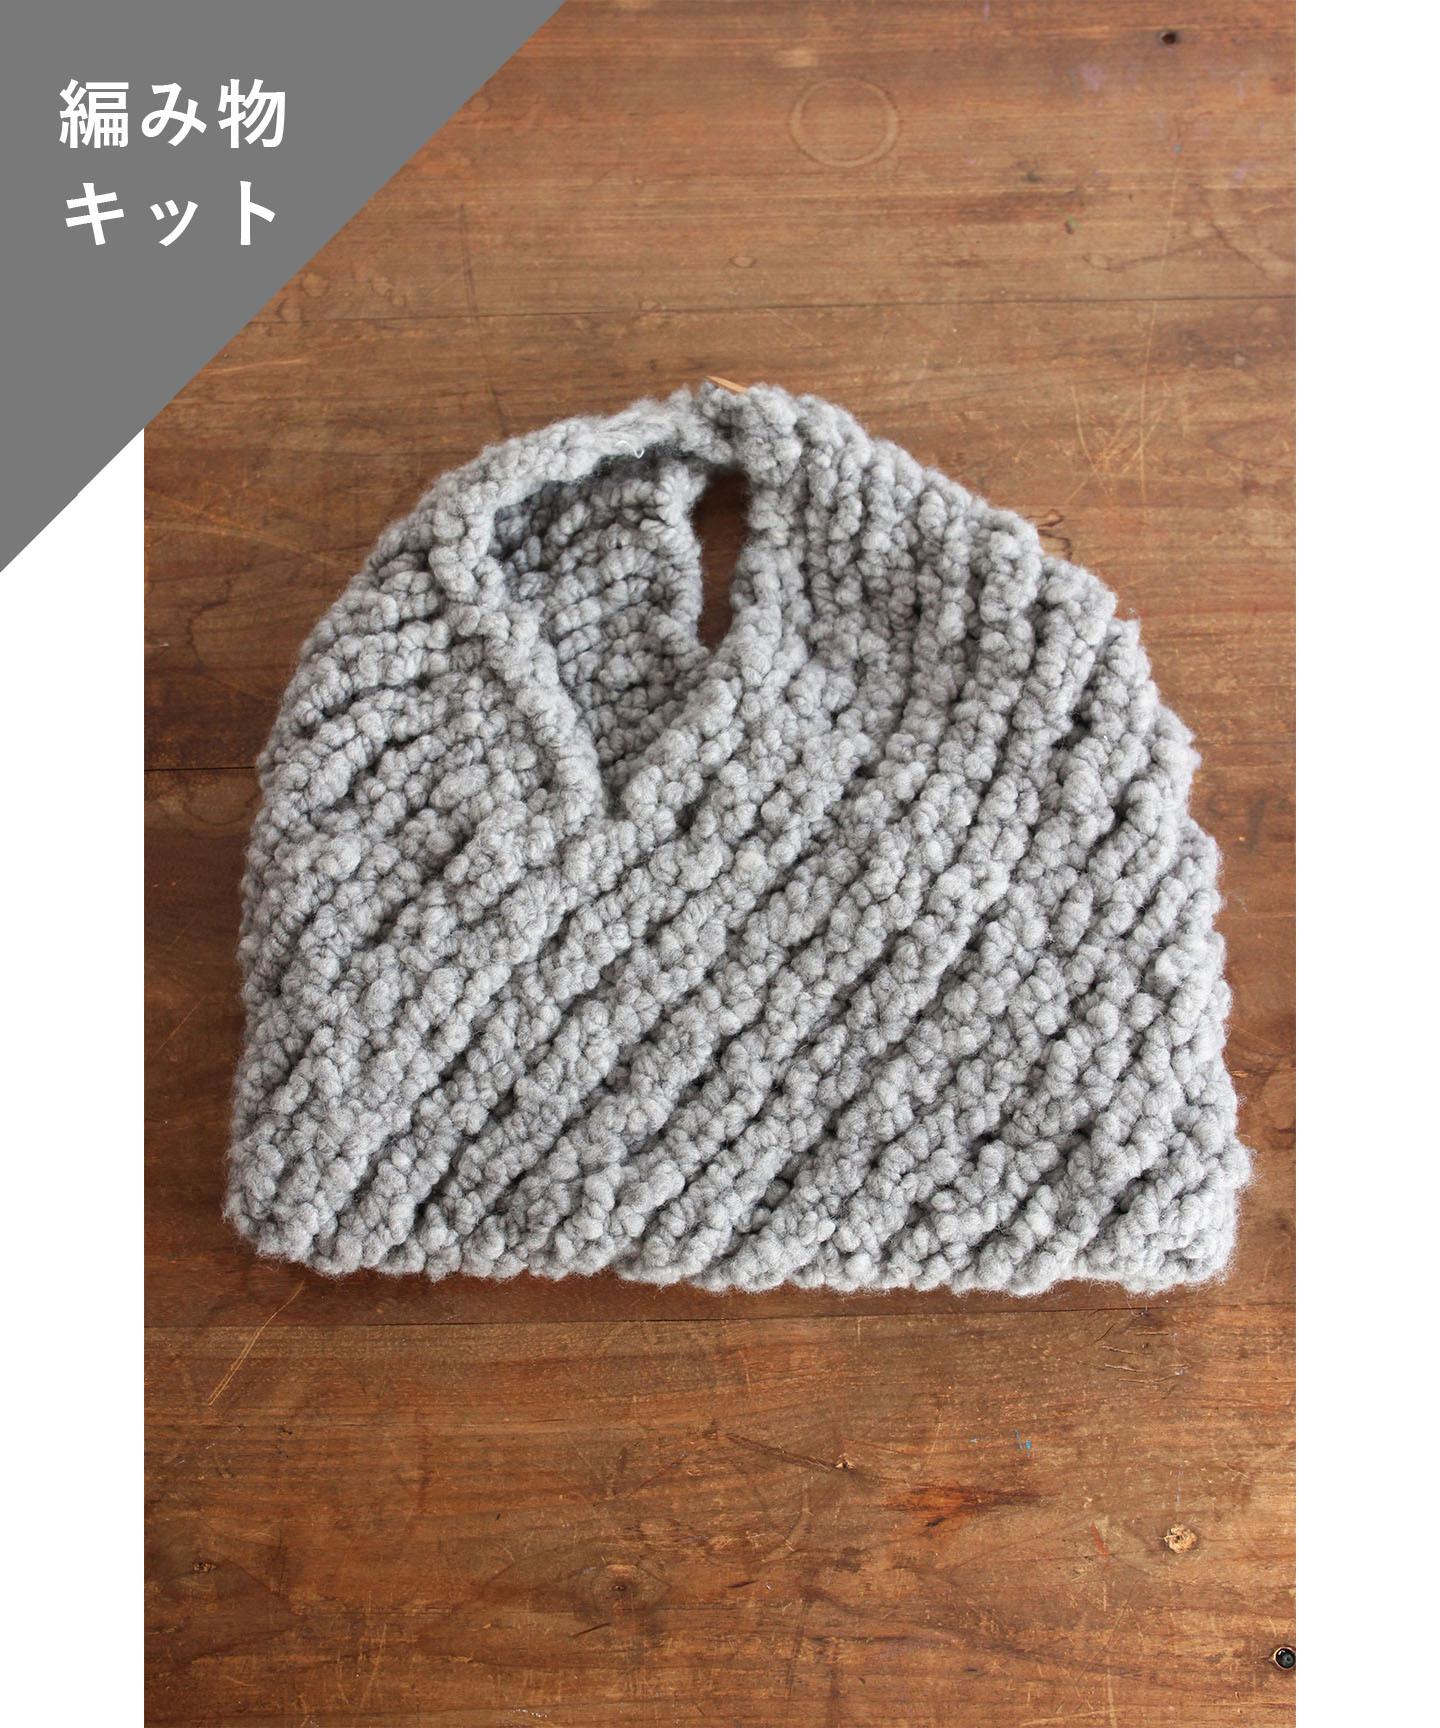 【編み物キット】あずま袋(糸:No.6)